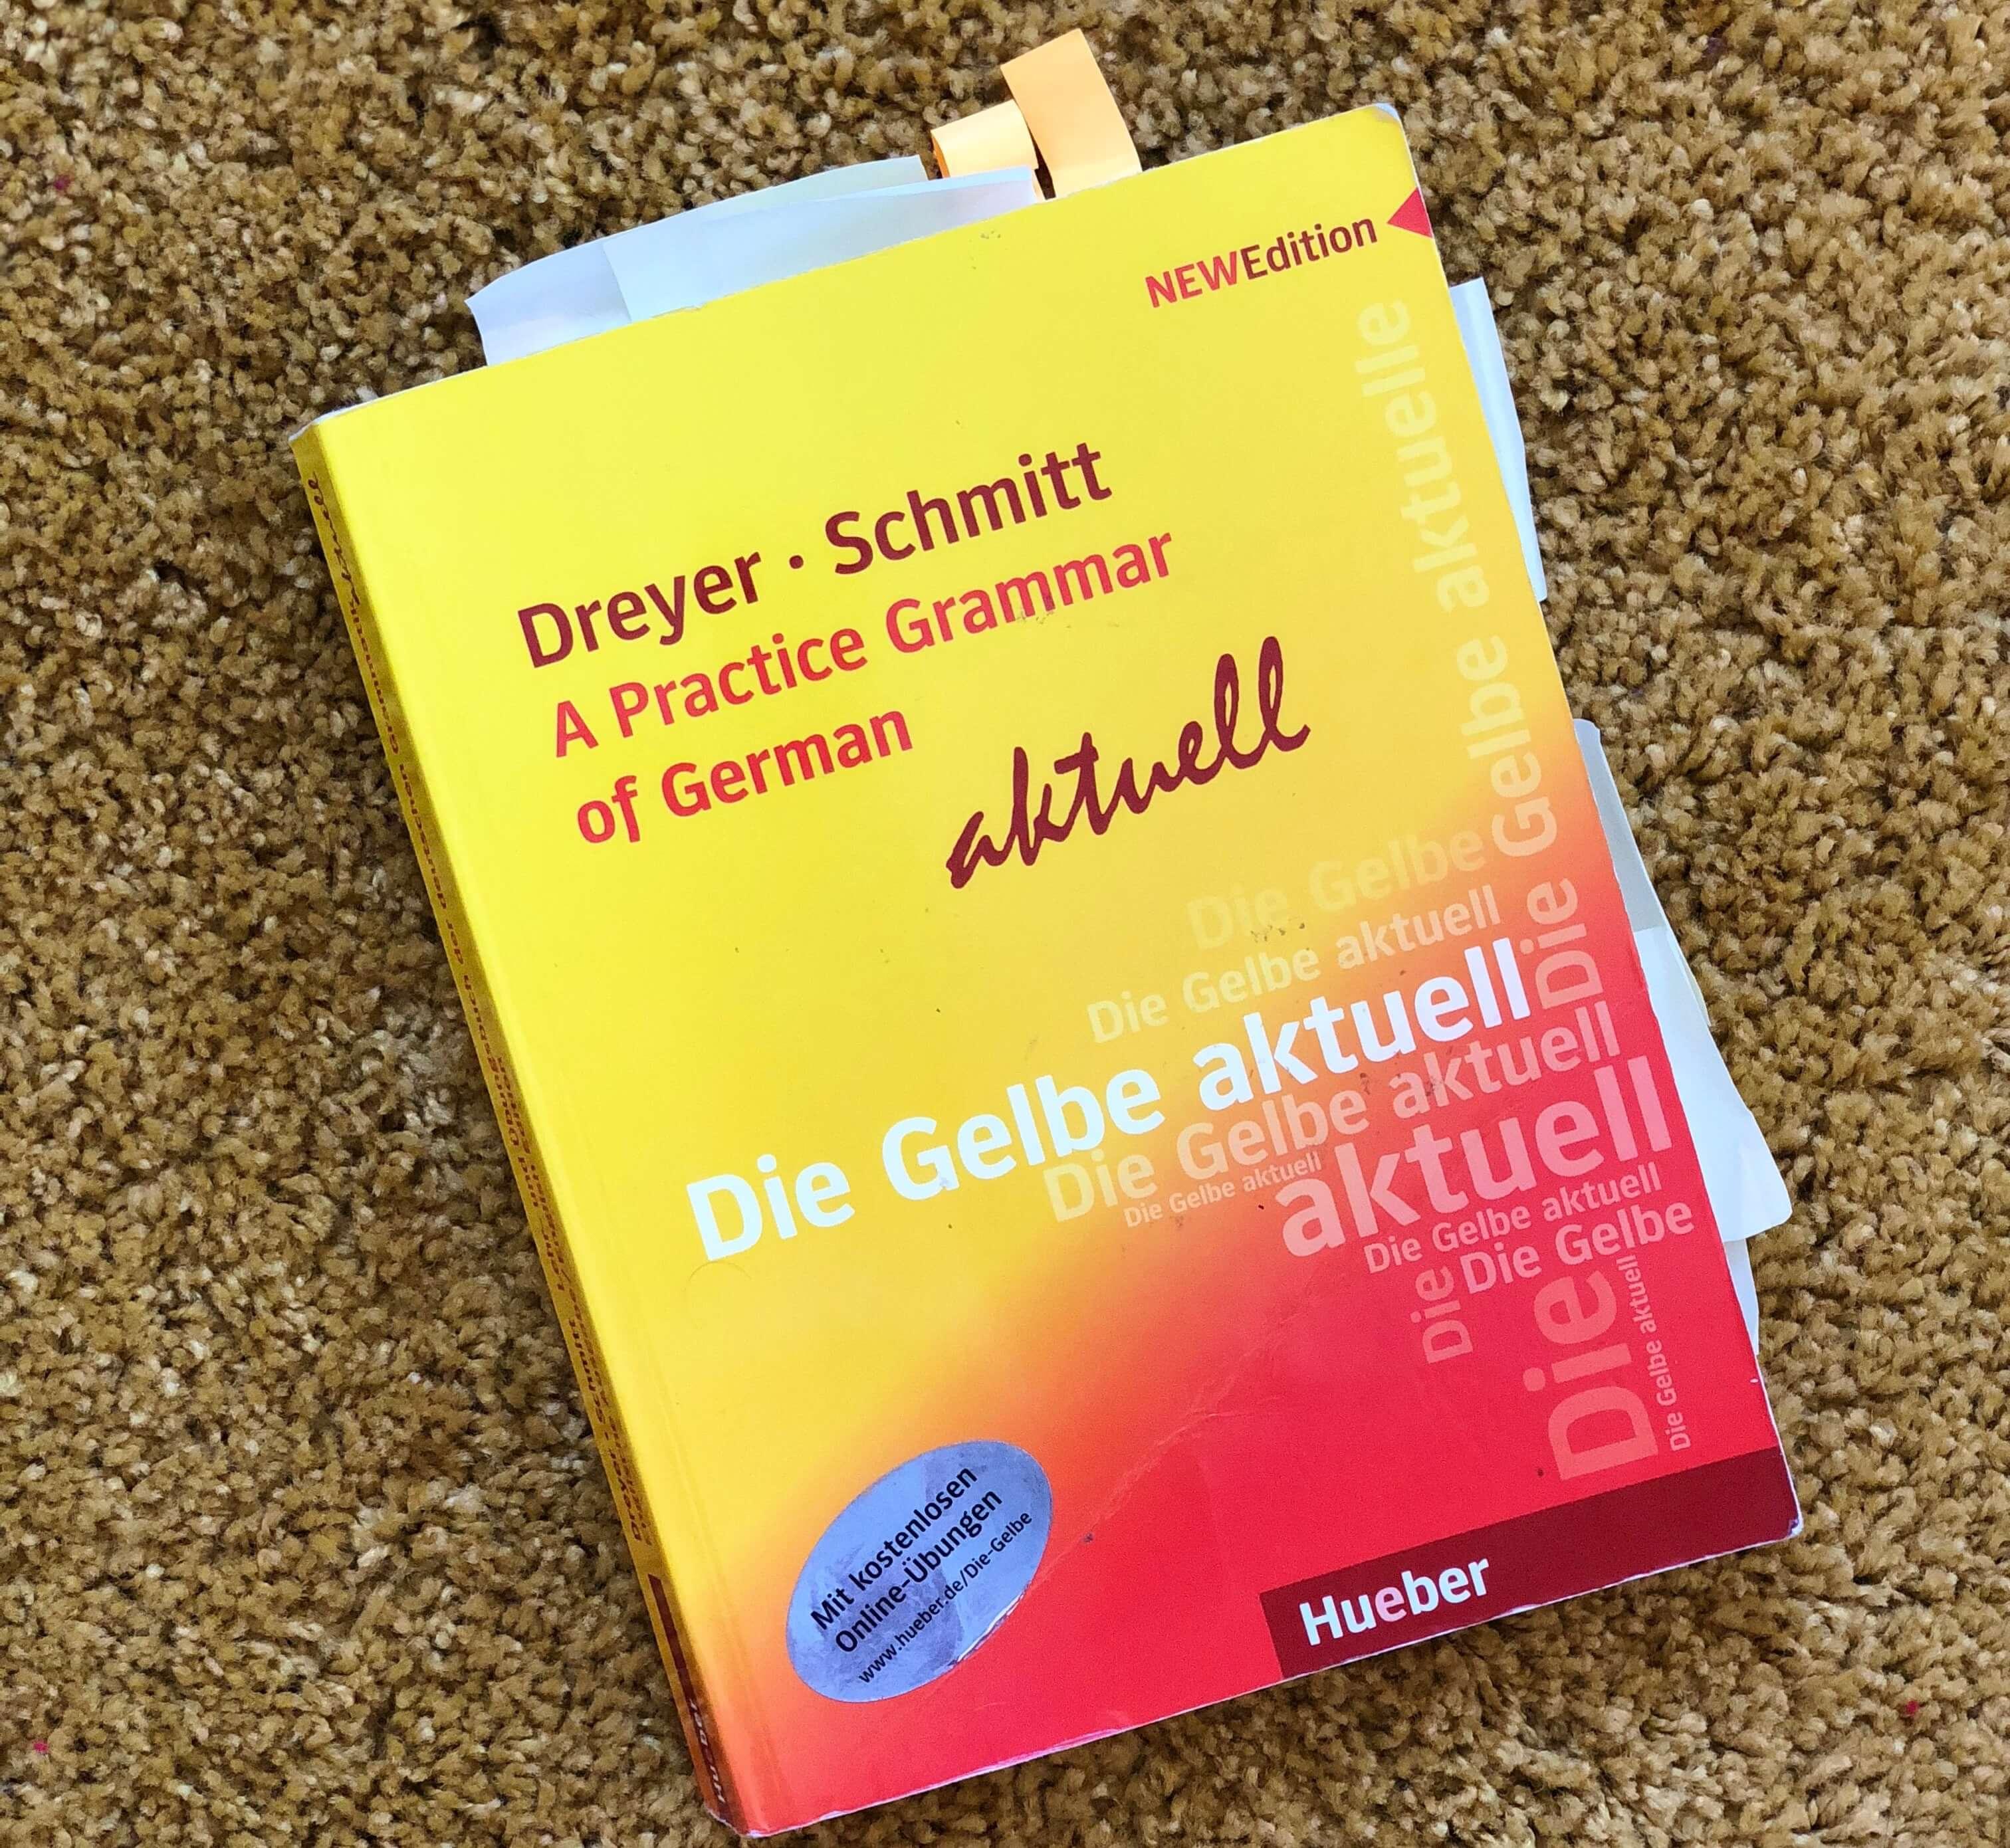 Almanca Orta Seviye Dilbilgisi Kitabi